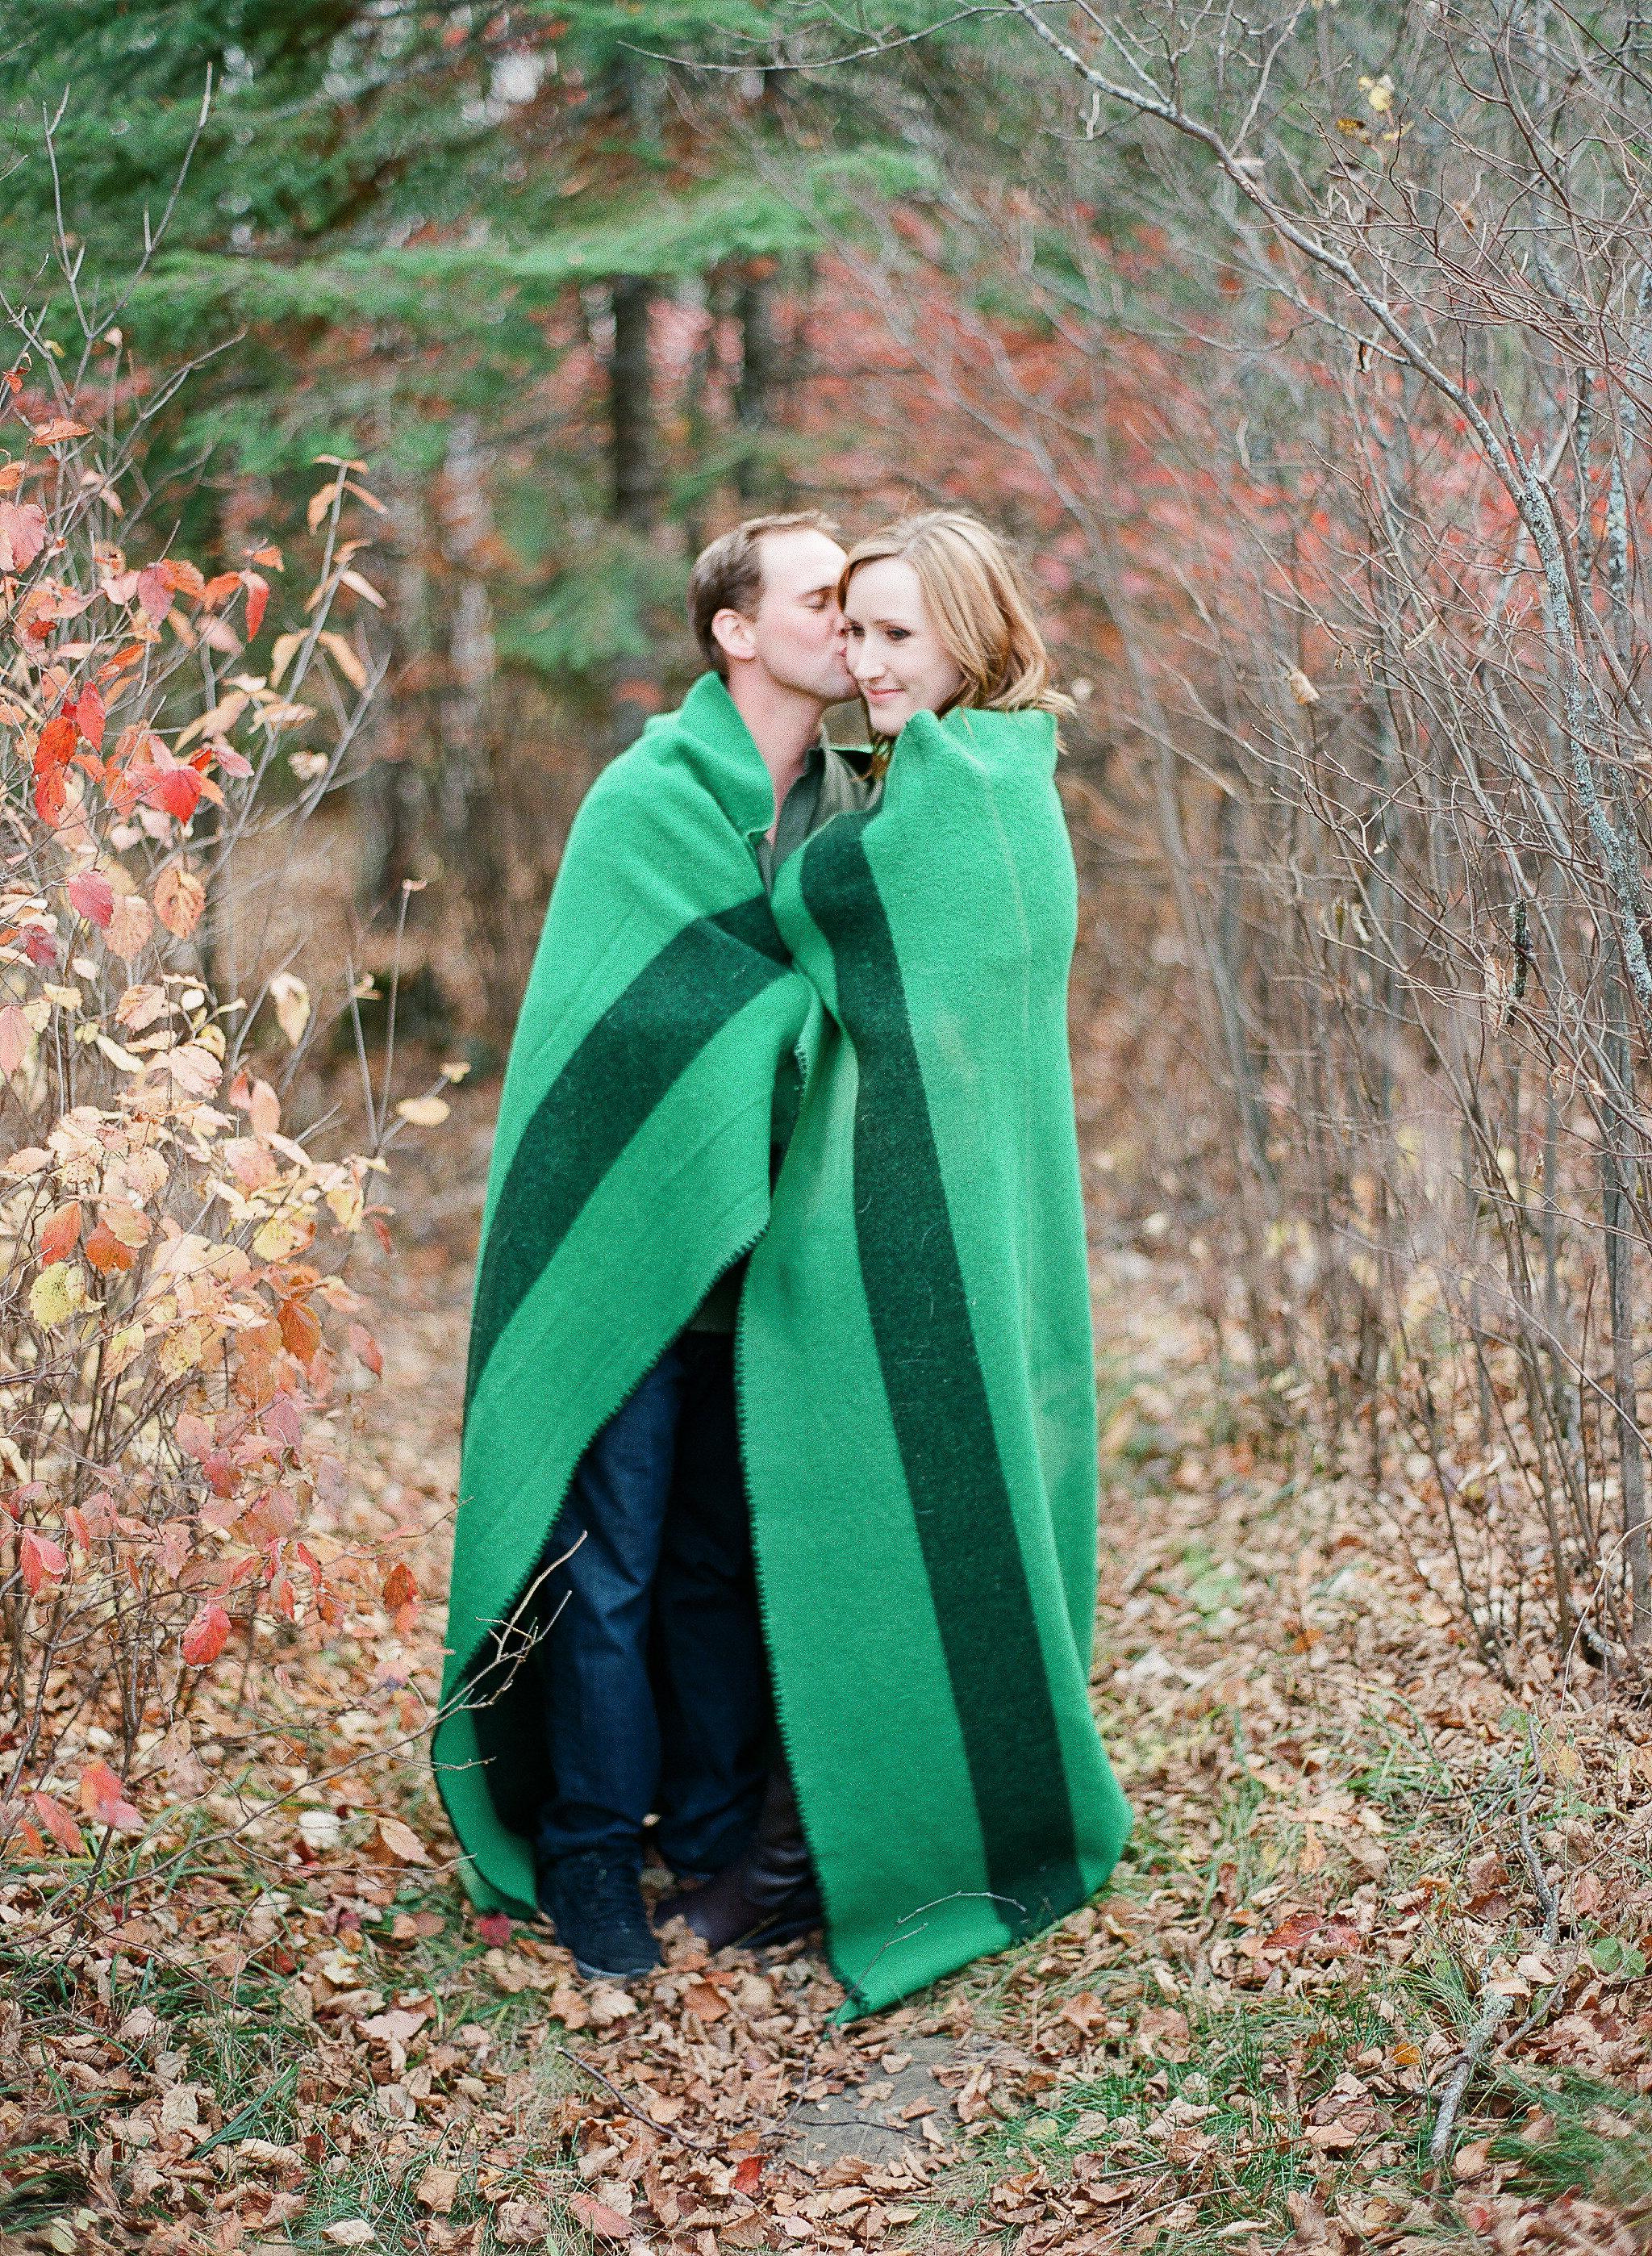 Outdoor Fall Engagement Photos - Wedding Florist in Winnipeg